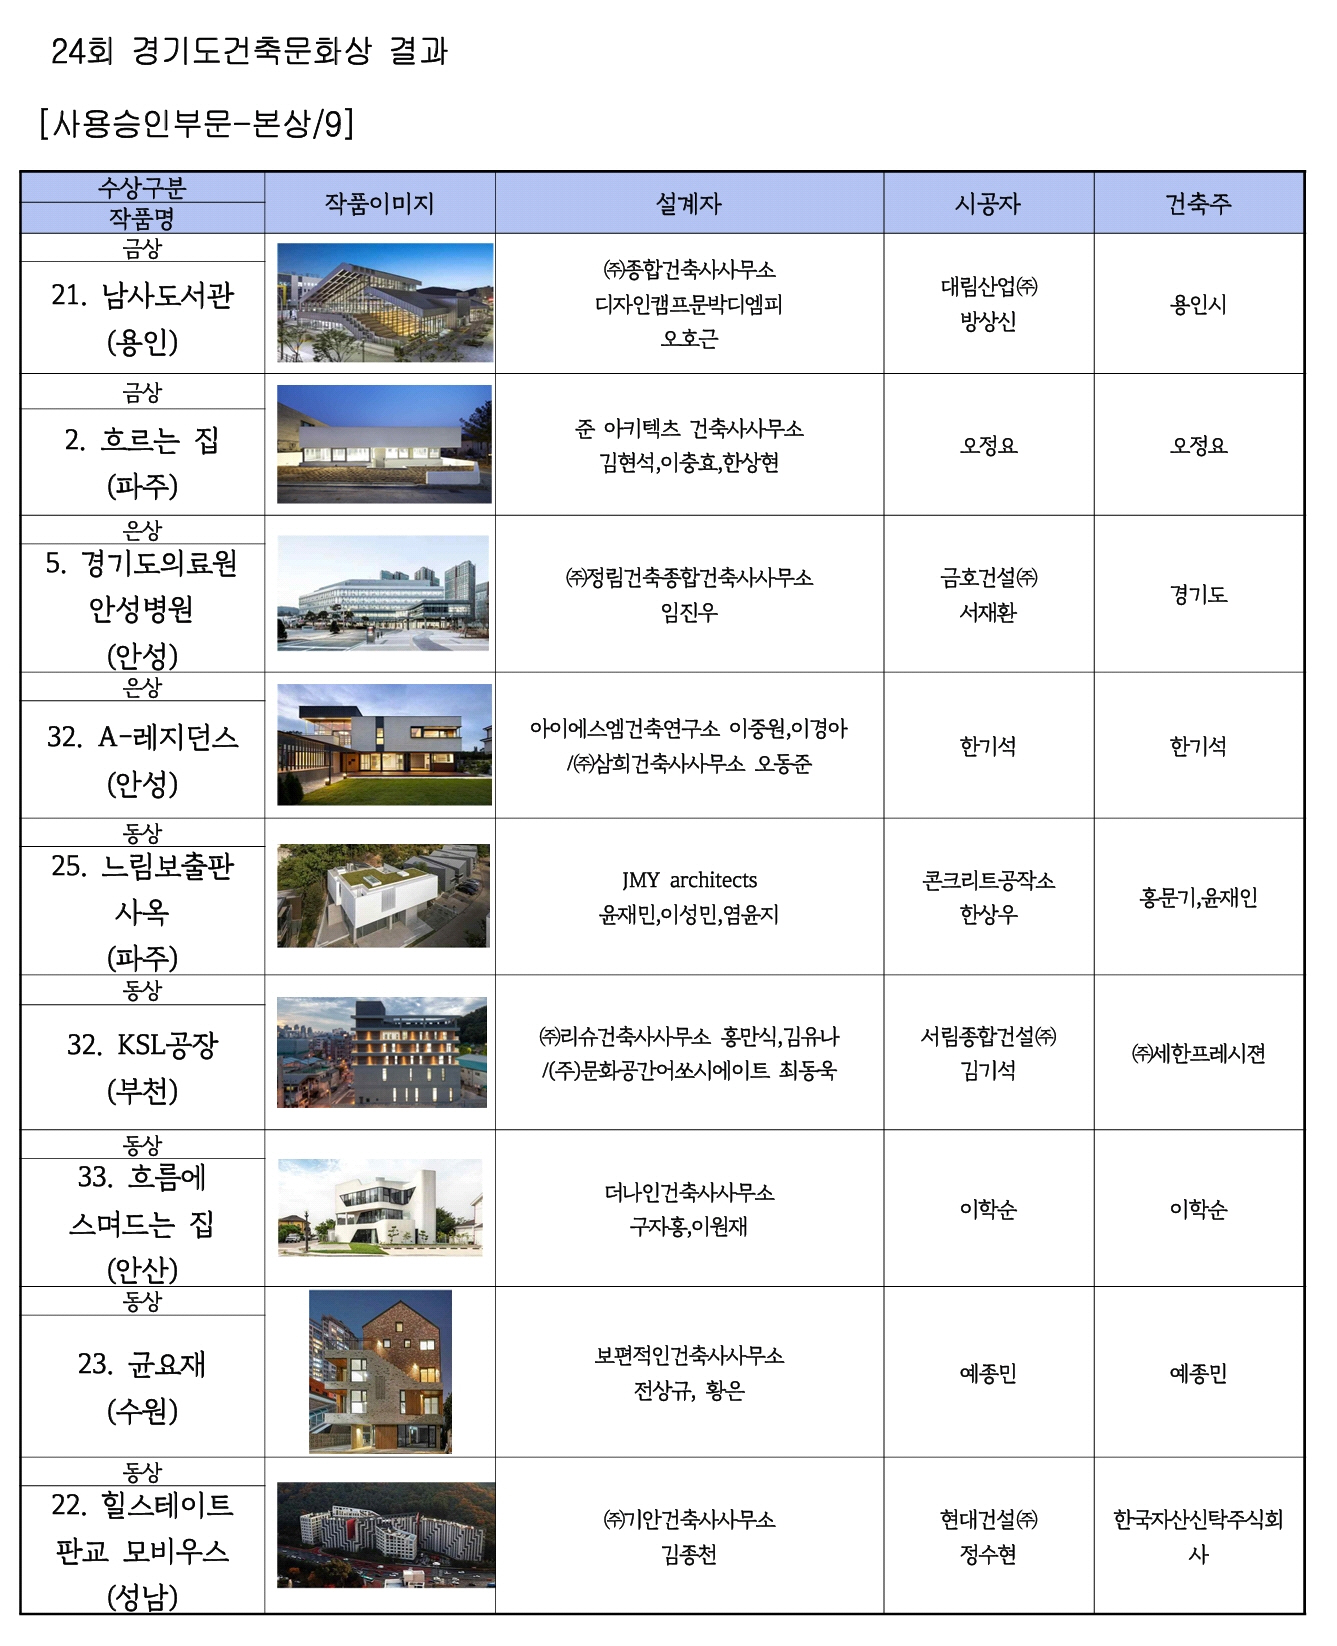 사본 -2019 경기도건축문화상1.jpg